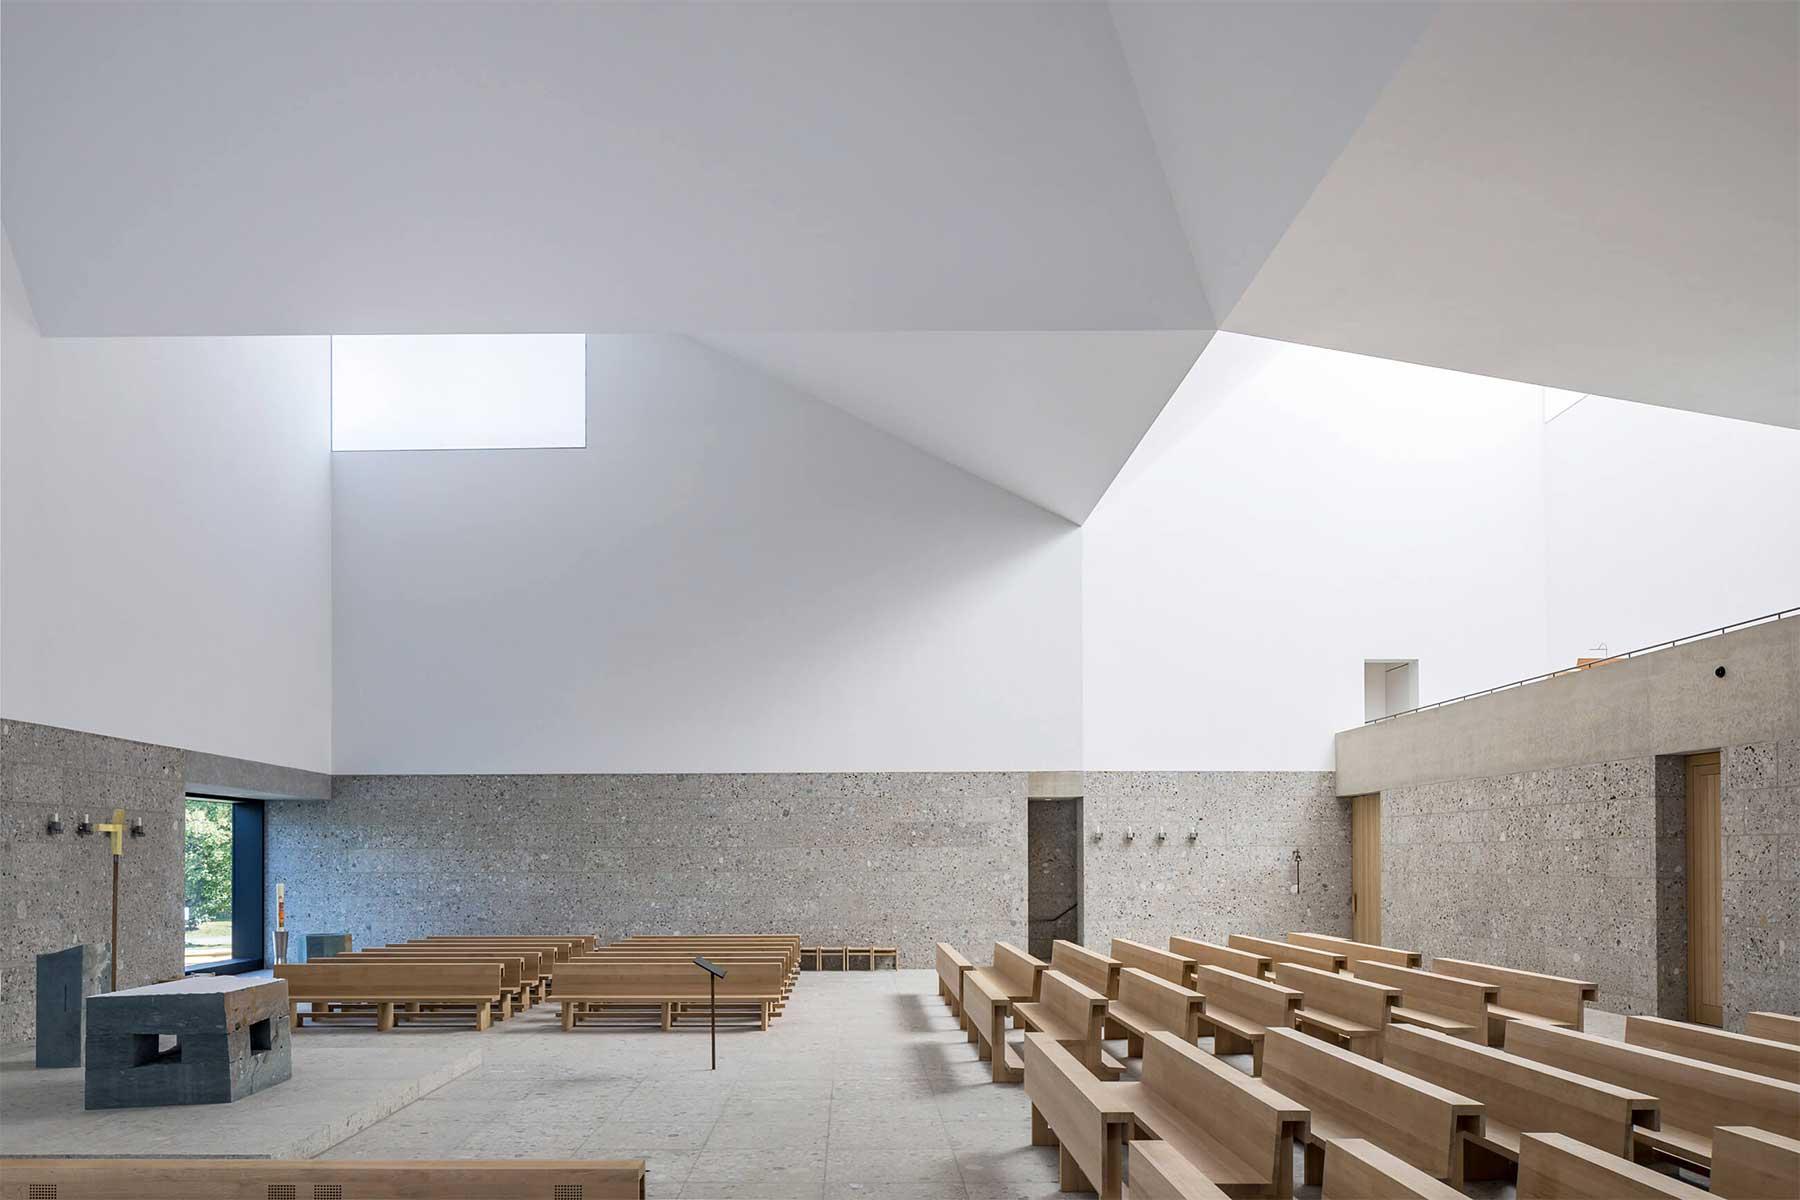 Kirchenzentrum Seliger Pater Rupert Mayer Kirchenzentrum-Seliger-Pater-Rupert-Mayer_05